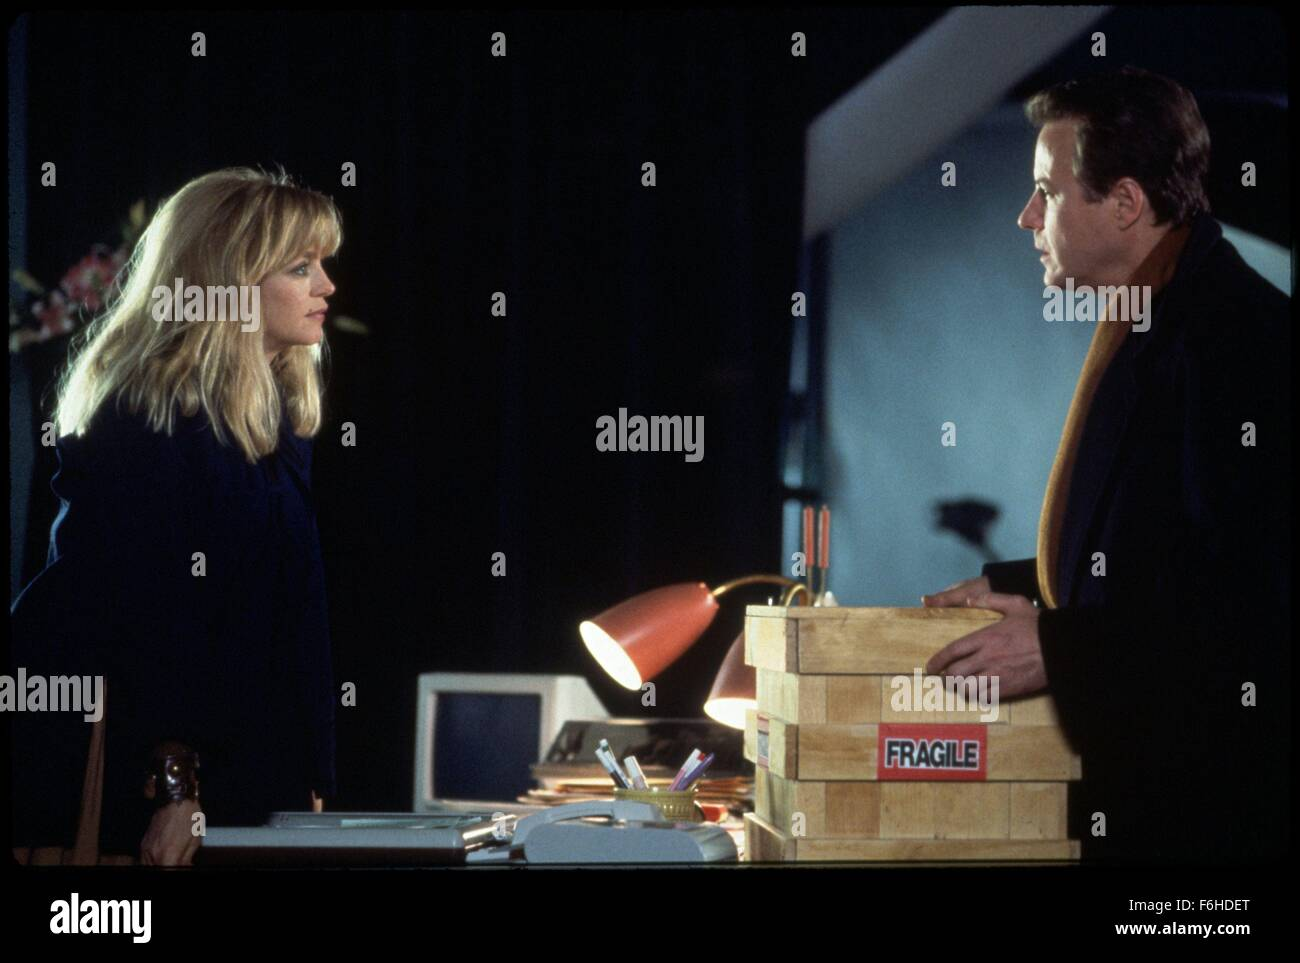 1991, il titolo del film: ingannati, Direttore: DAMIAN HARRIS, Studio: TOUCHSTONE, nella foto: Goldie Hawn, John Immagini Stock